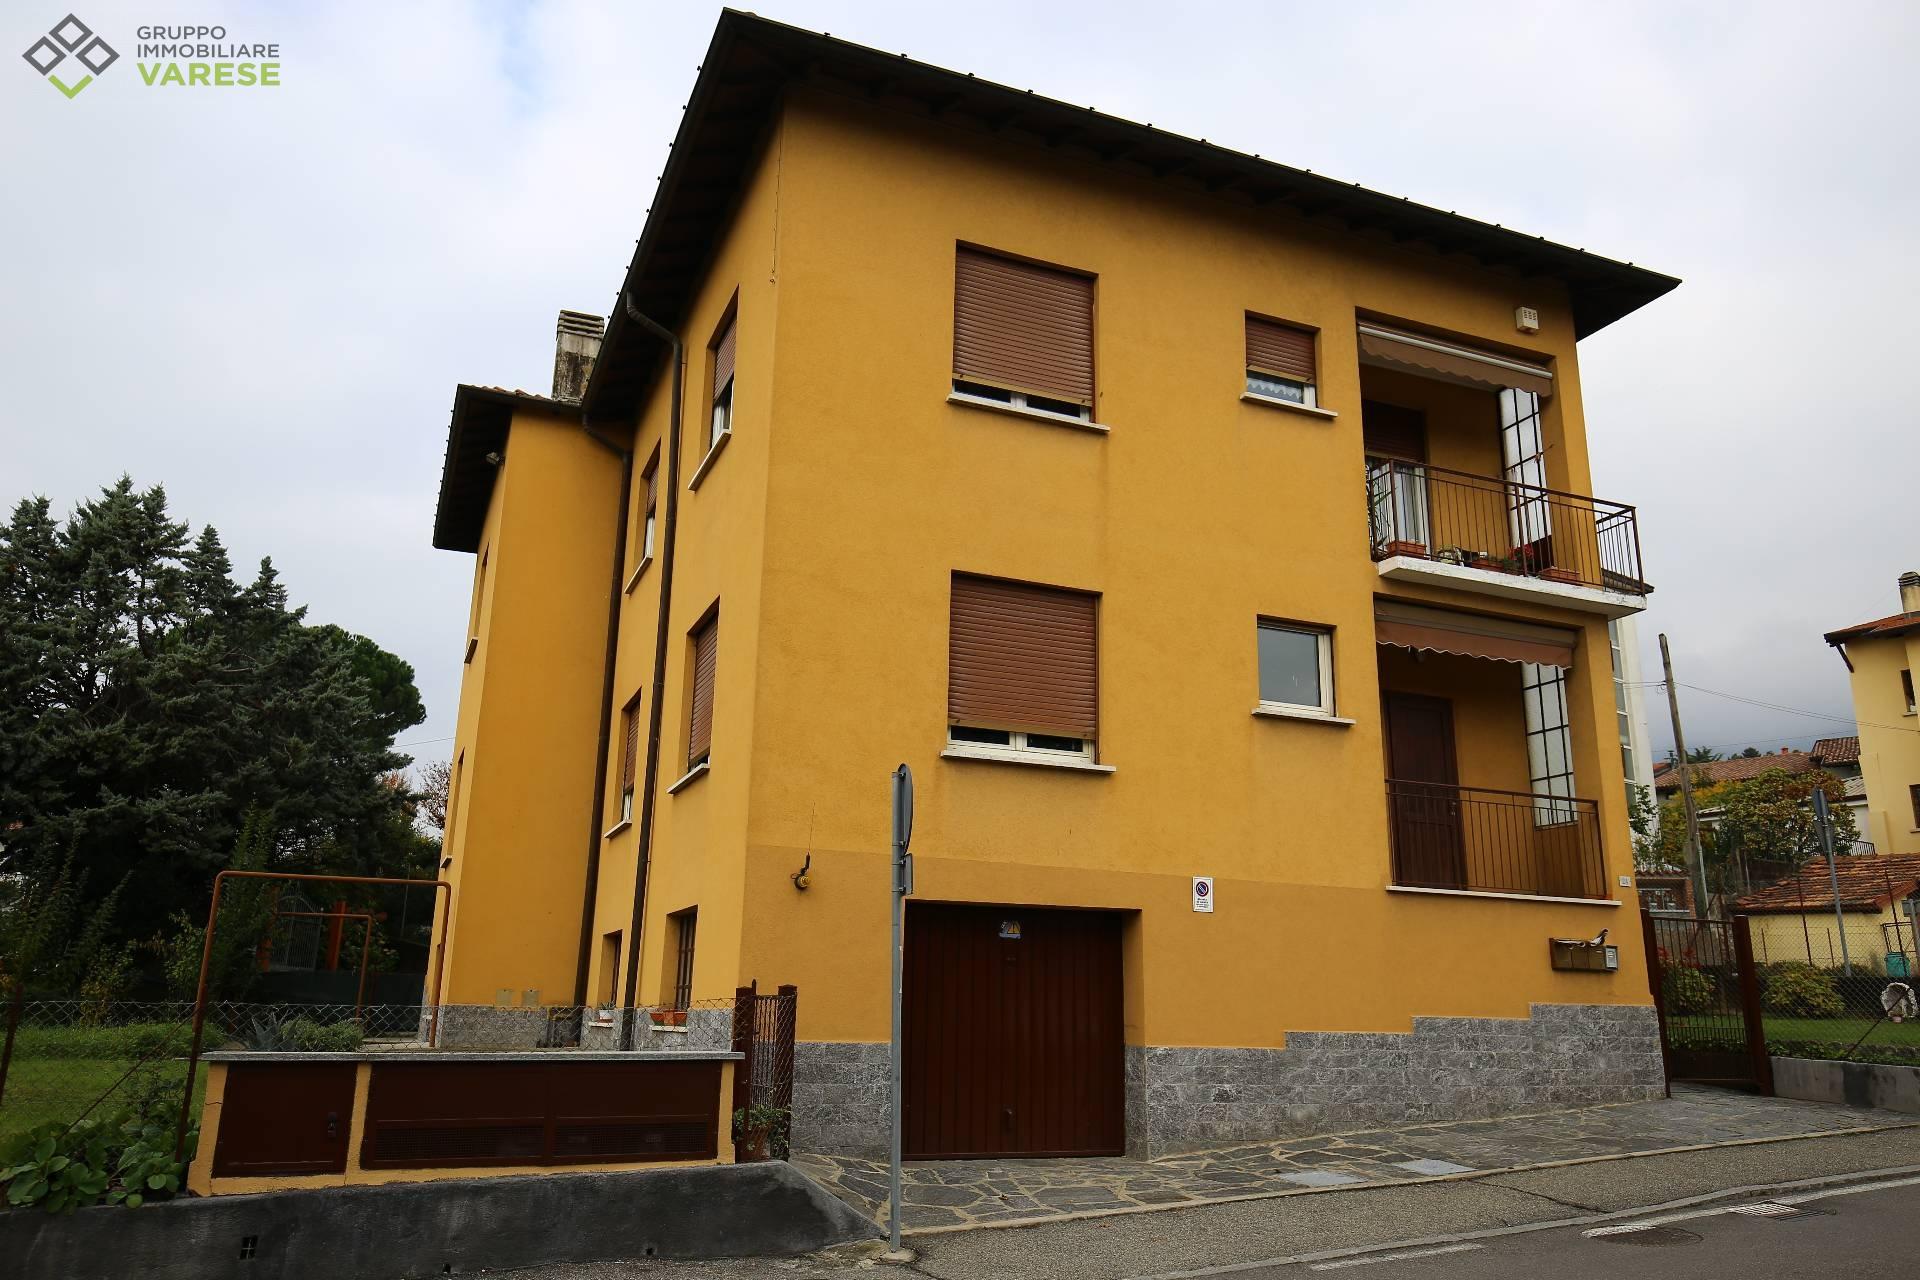 Appartamento in vendita a Casciago, 4 locali, prezzo € 210.000 | CambioCasa.it